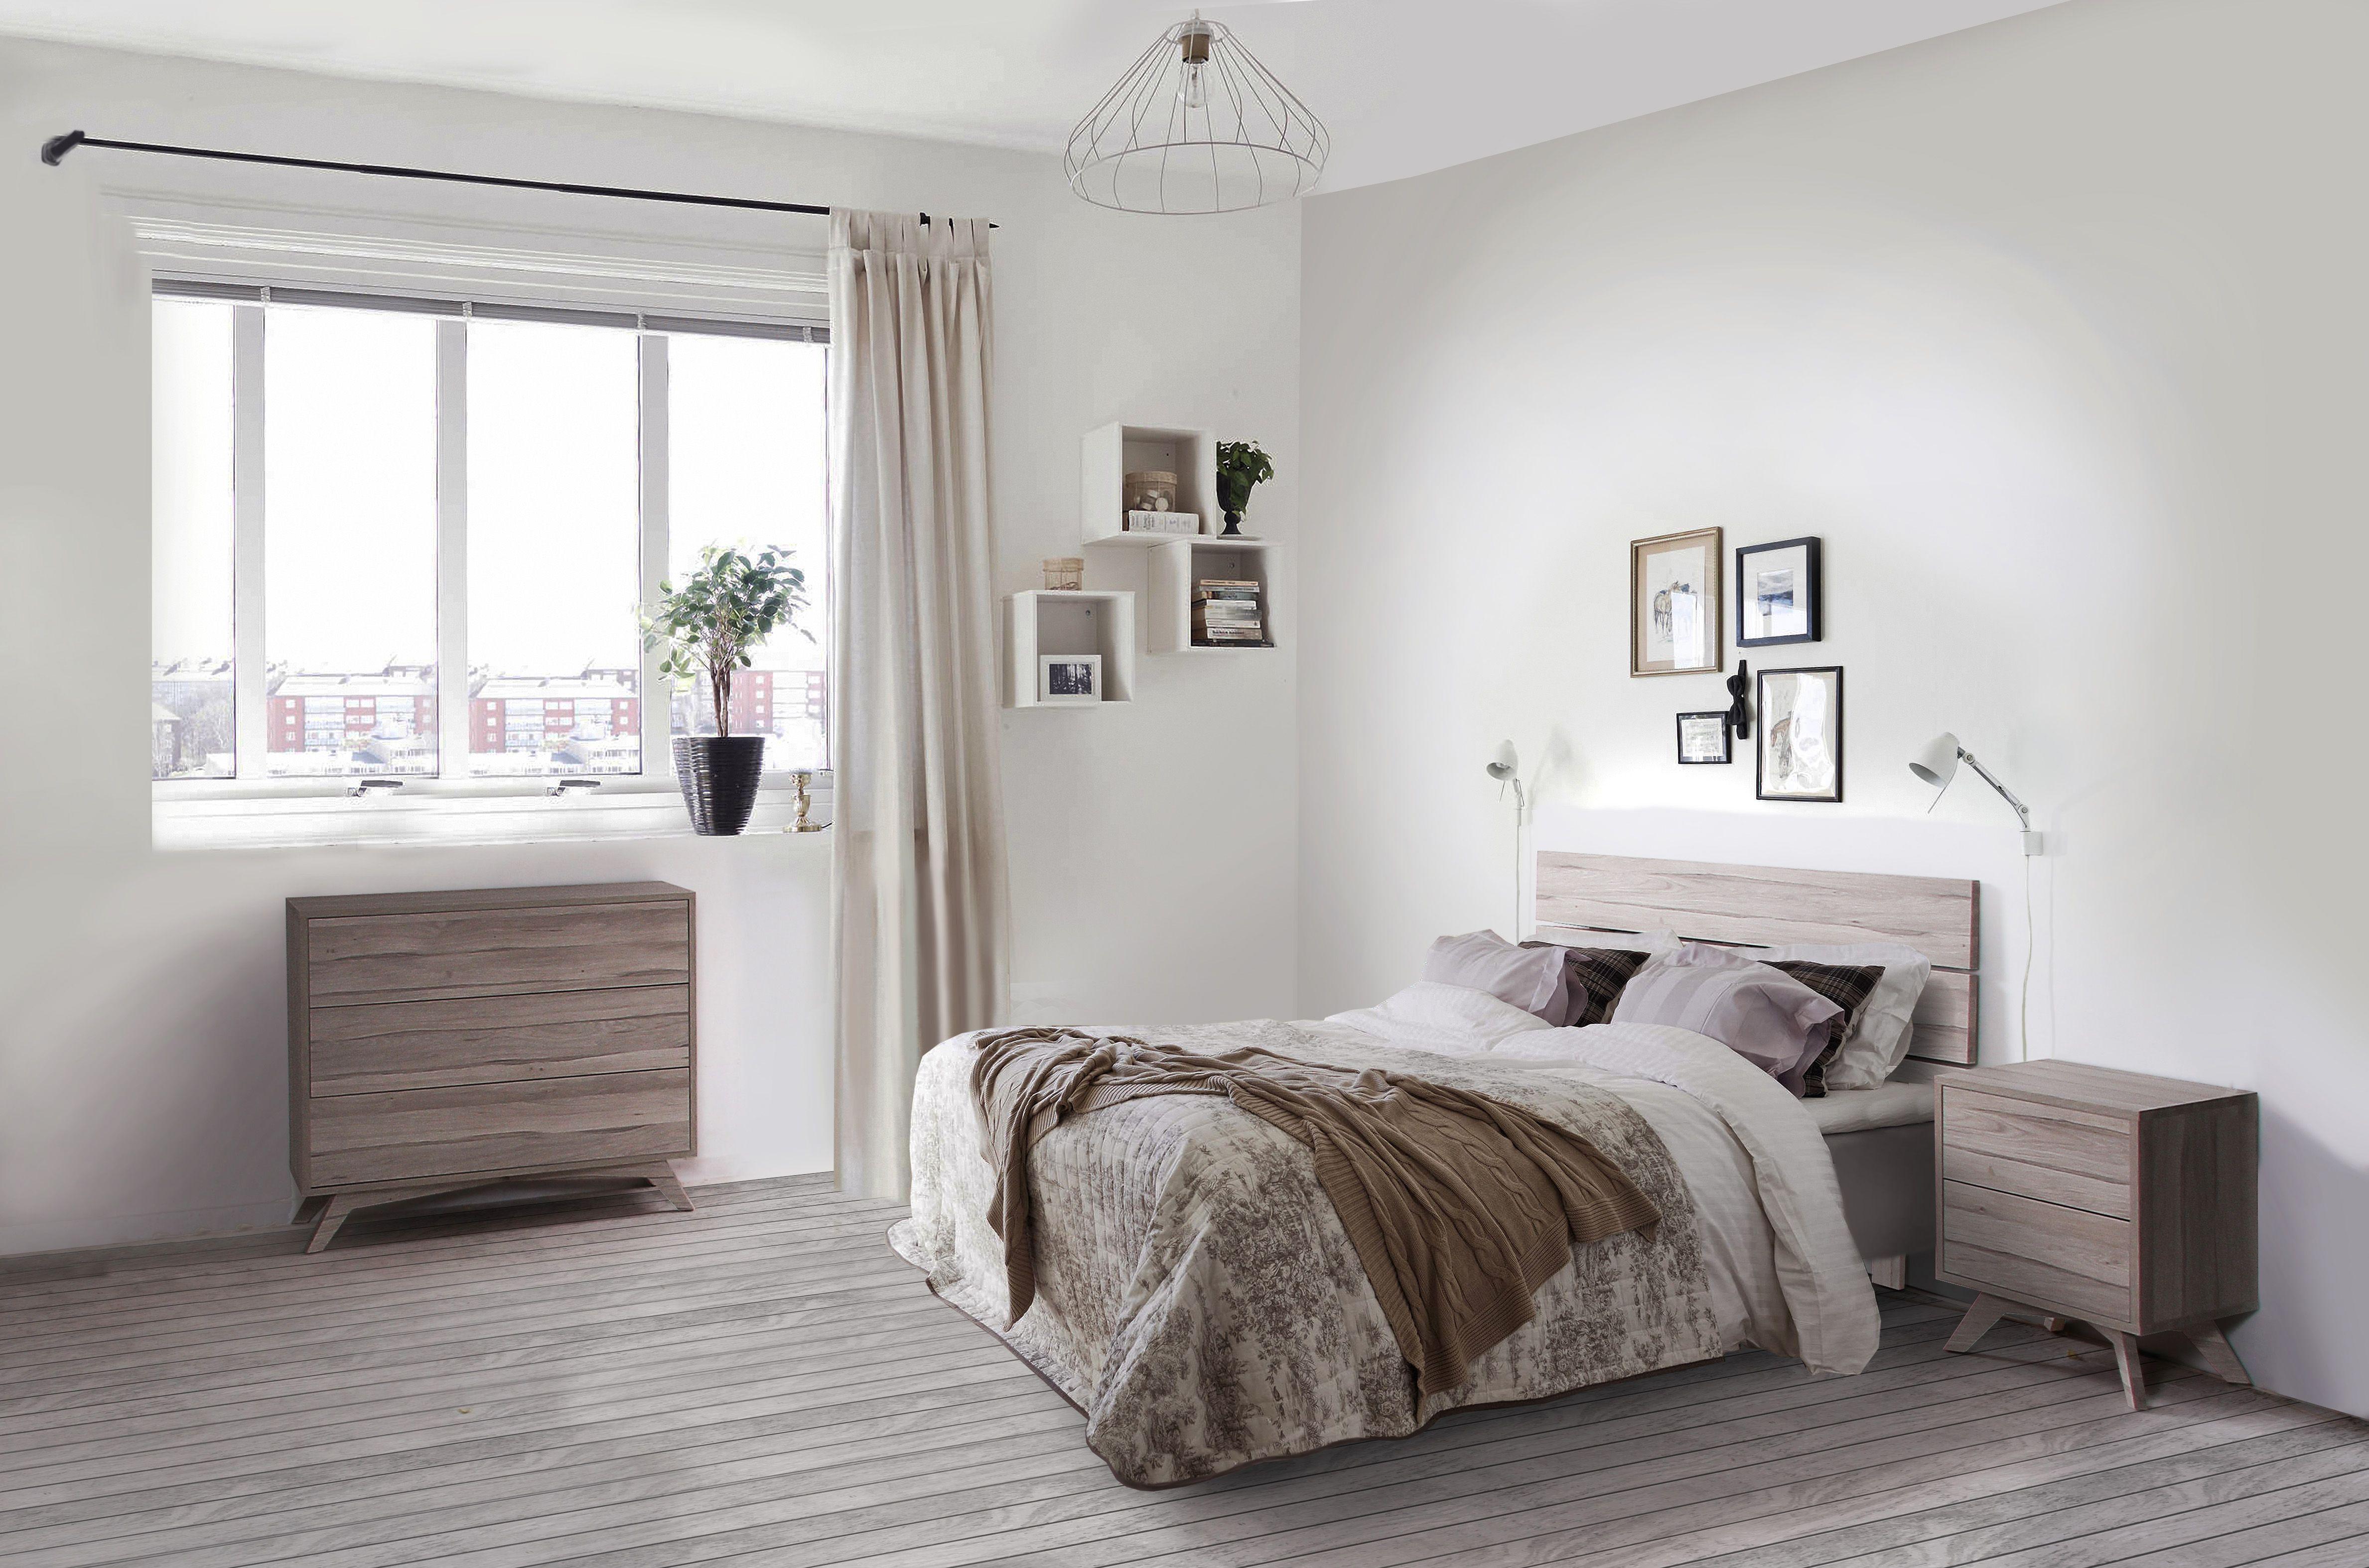 Dormitorio De Estilo N Rdico Http Www Aristamobiliario Es 15  # Portobello Muebles